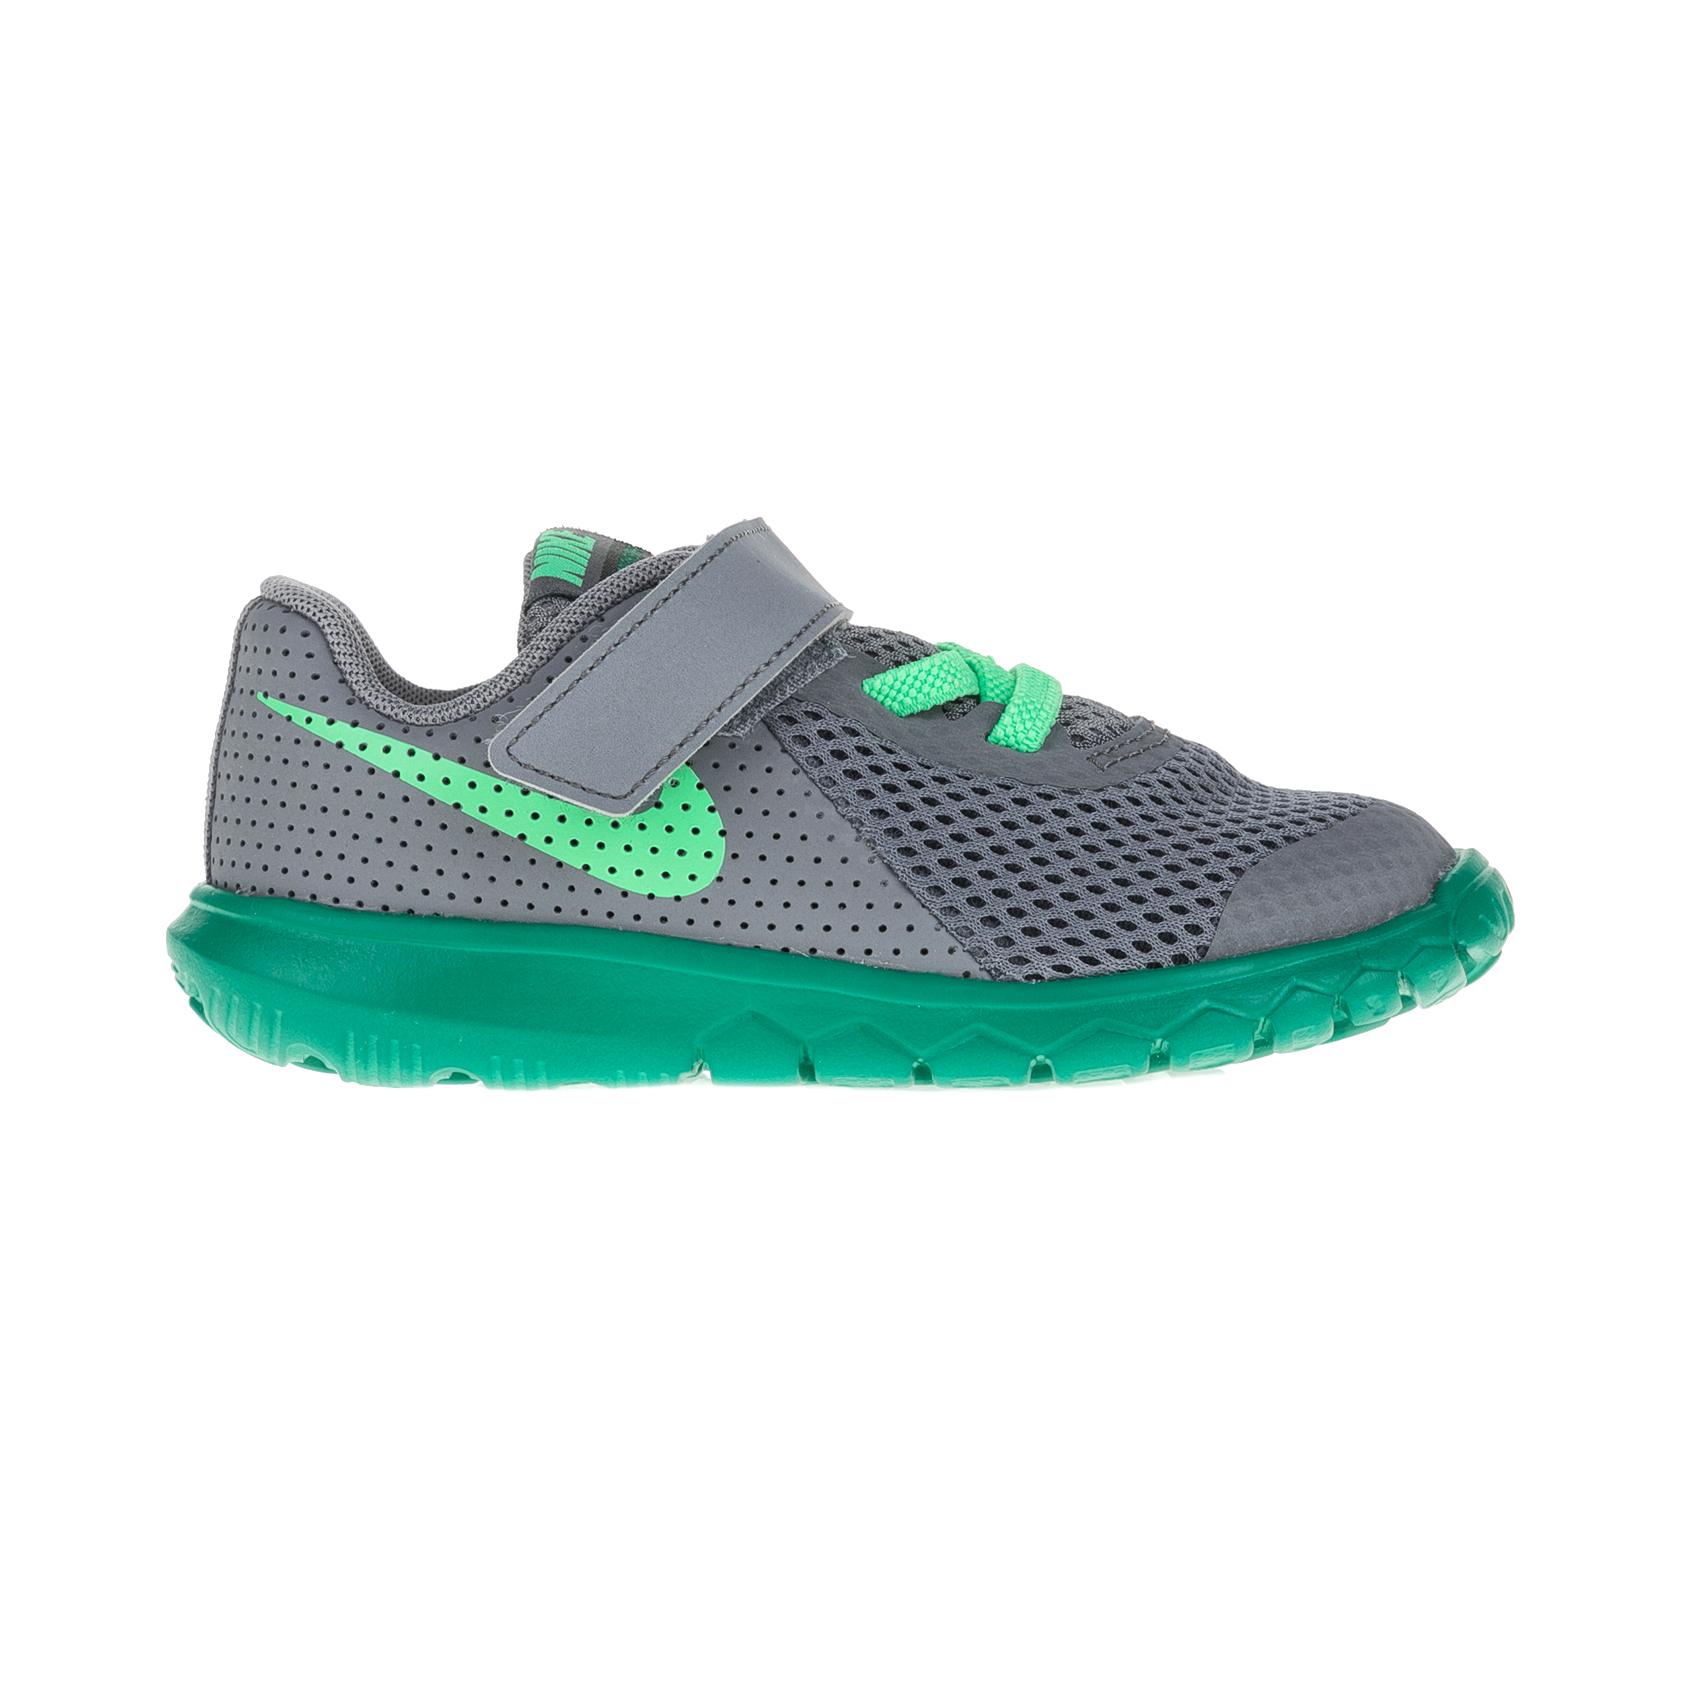 NIKE - Παιδικά αθλητικά παπούτσια Nike FLEX EXPERIENCE 5 (TDV) γκρι - πράσινα